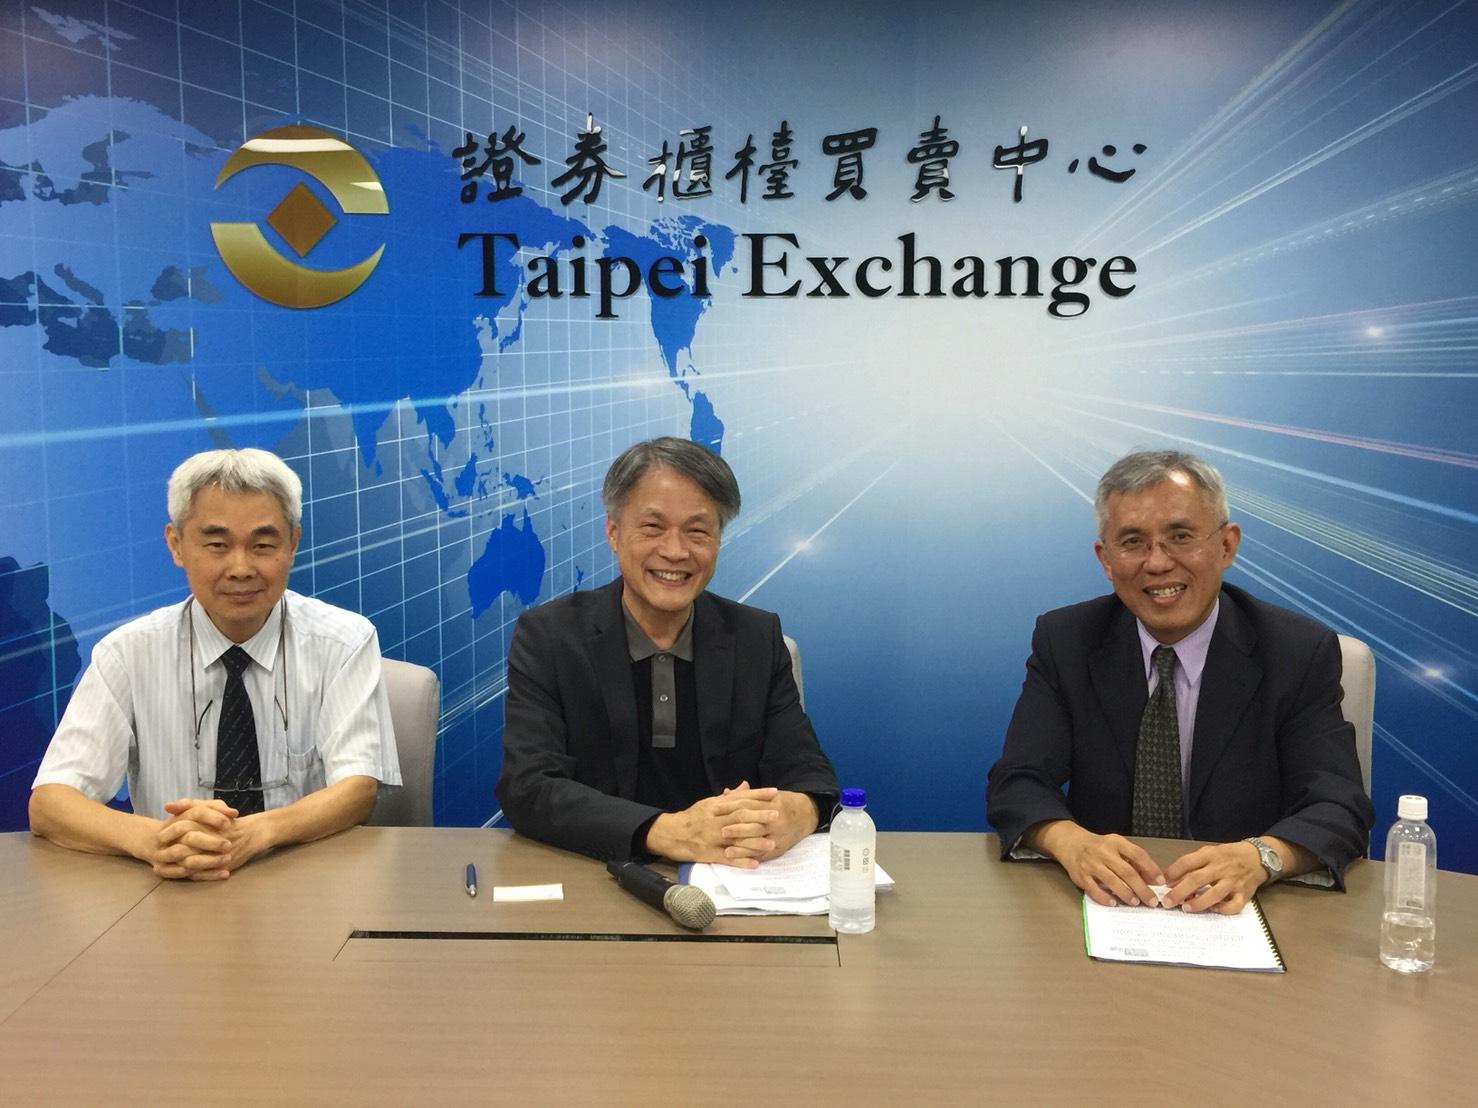 健如總經理林建龍(左)、健如、華宇藥董事長陳正(健亞董事長)(中)、華宇藥總經理林亮光(右)。